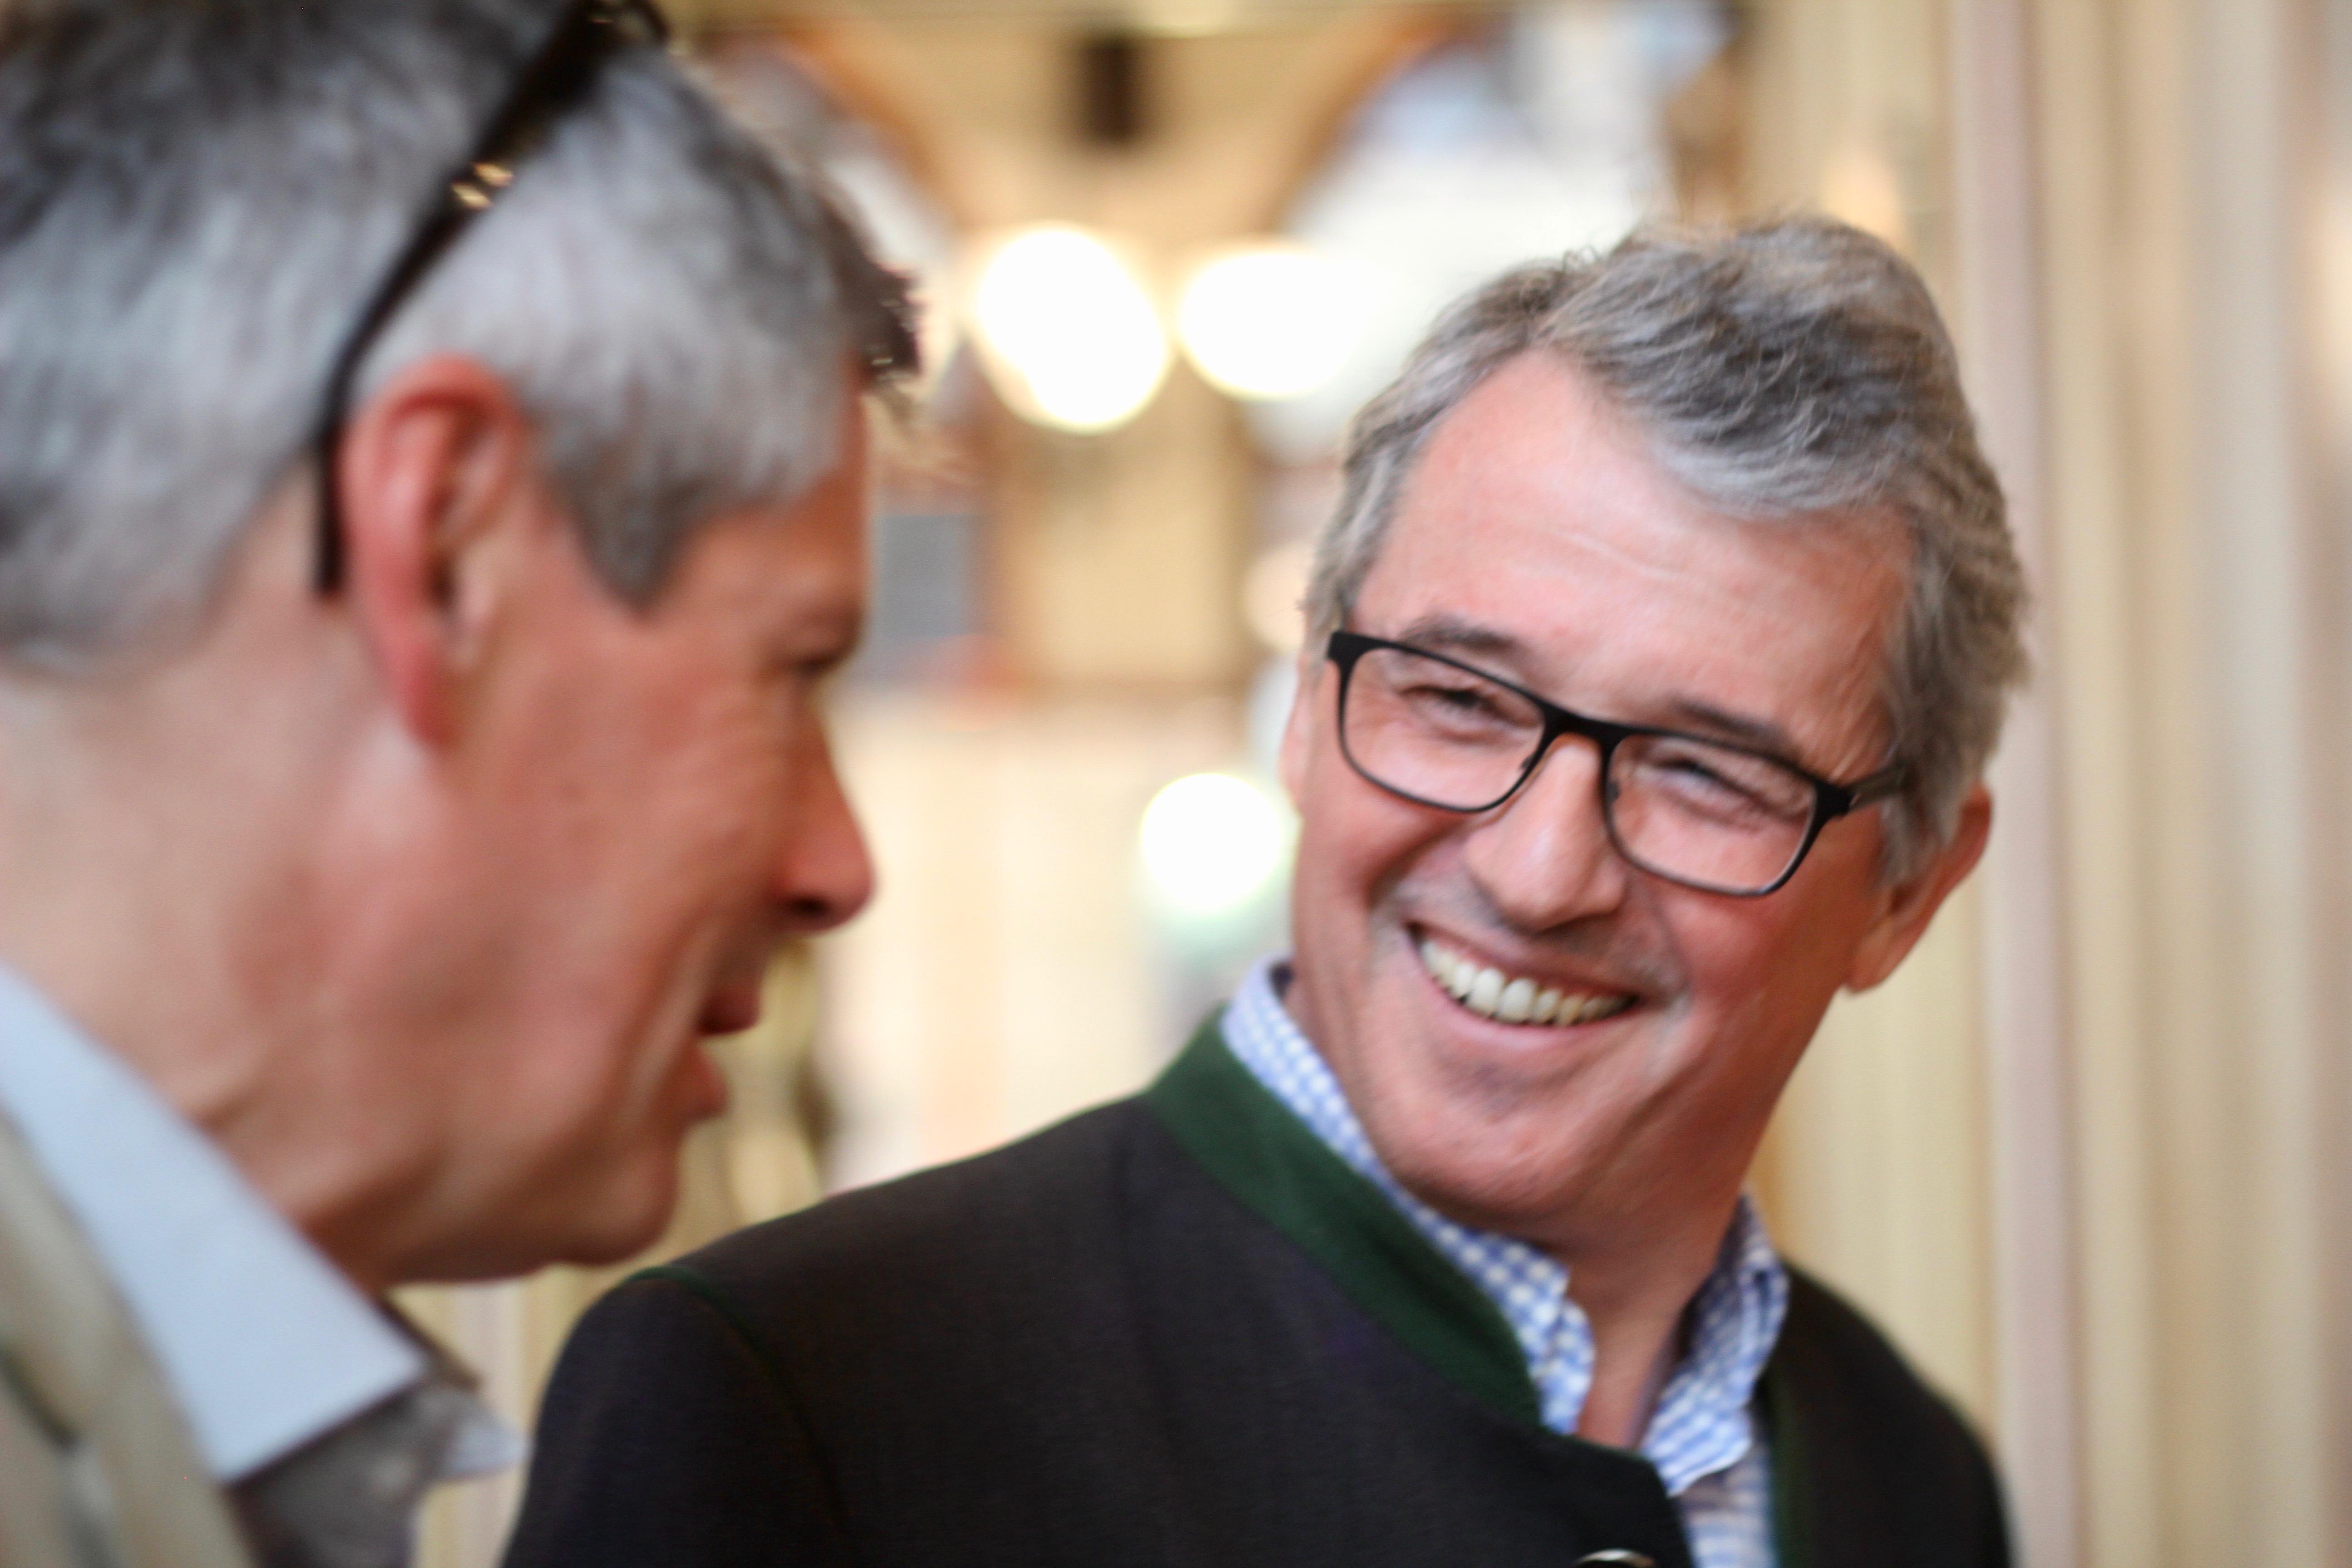 Trotz des mengenmäßig bescheidenen Jahrgangs kann sich Weinbaudirektor Werner Luttenberger, hier im Gespräch mit Klaus Egle, über die Qualität des neuen Jahrgangs freuen.